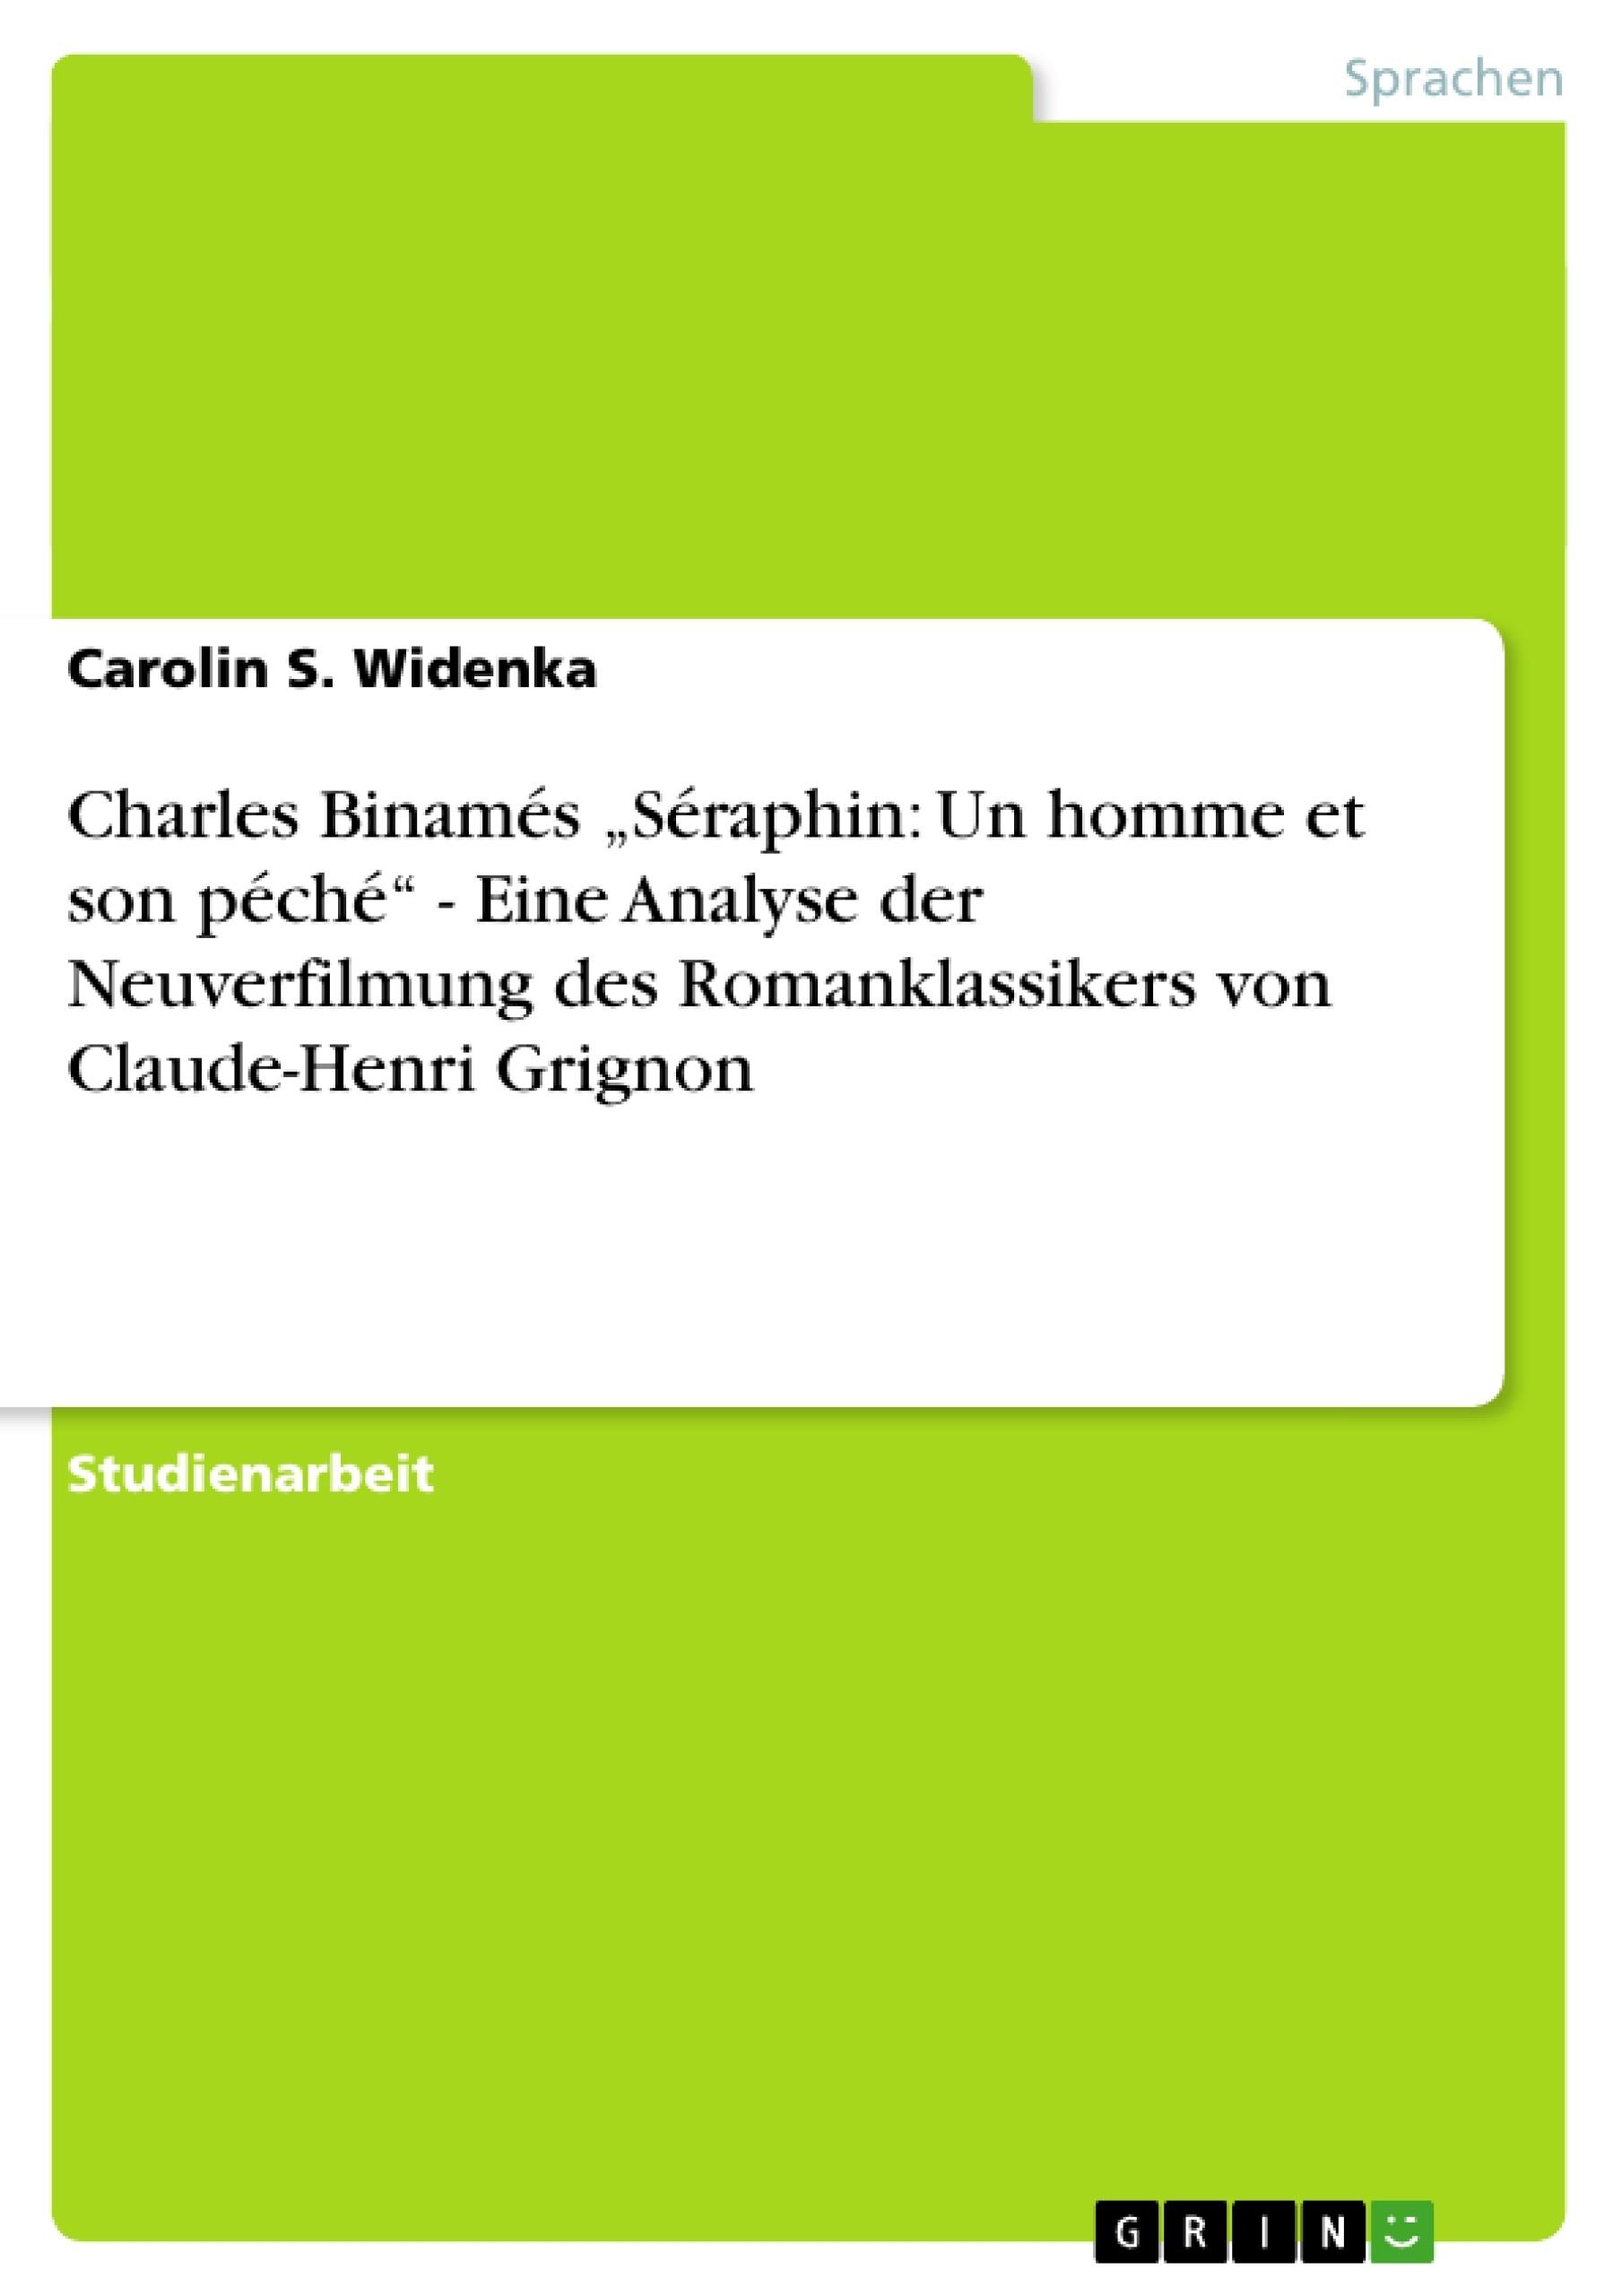 """Titel: Charles Binamés """"Séraphin: Un homme et son péché"""" - Eine Analyse der Neuverfilmung des Romanklassikers von Claude-Henri Grignon"""